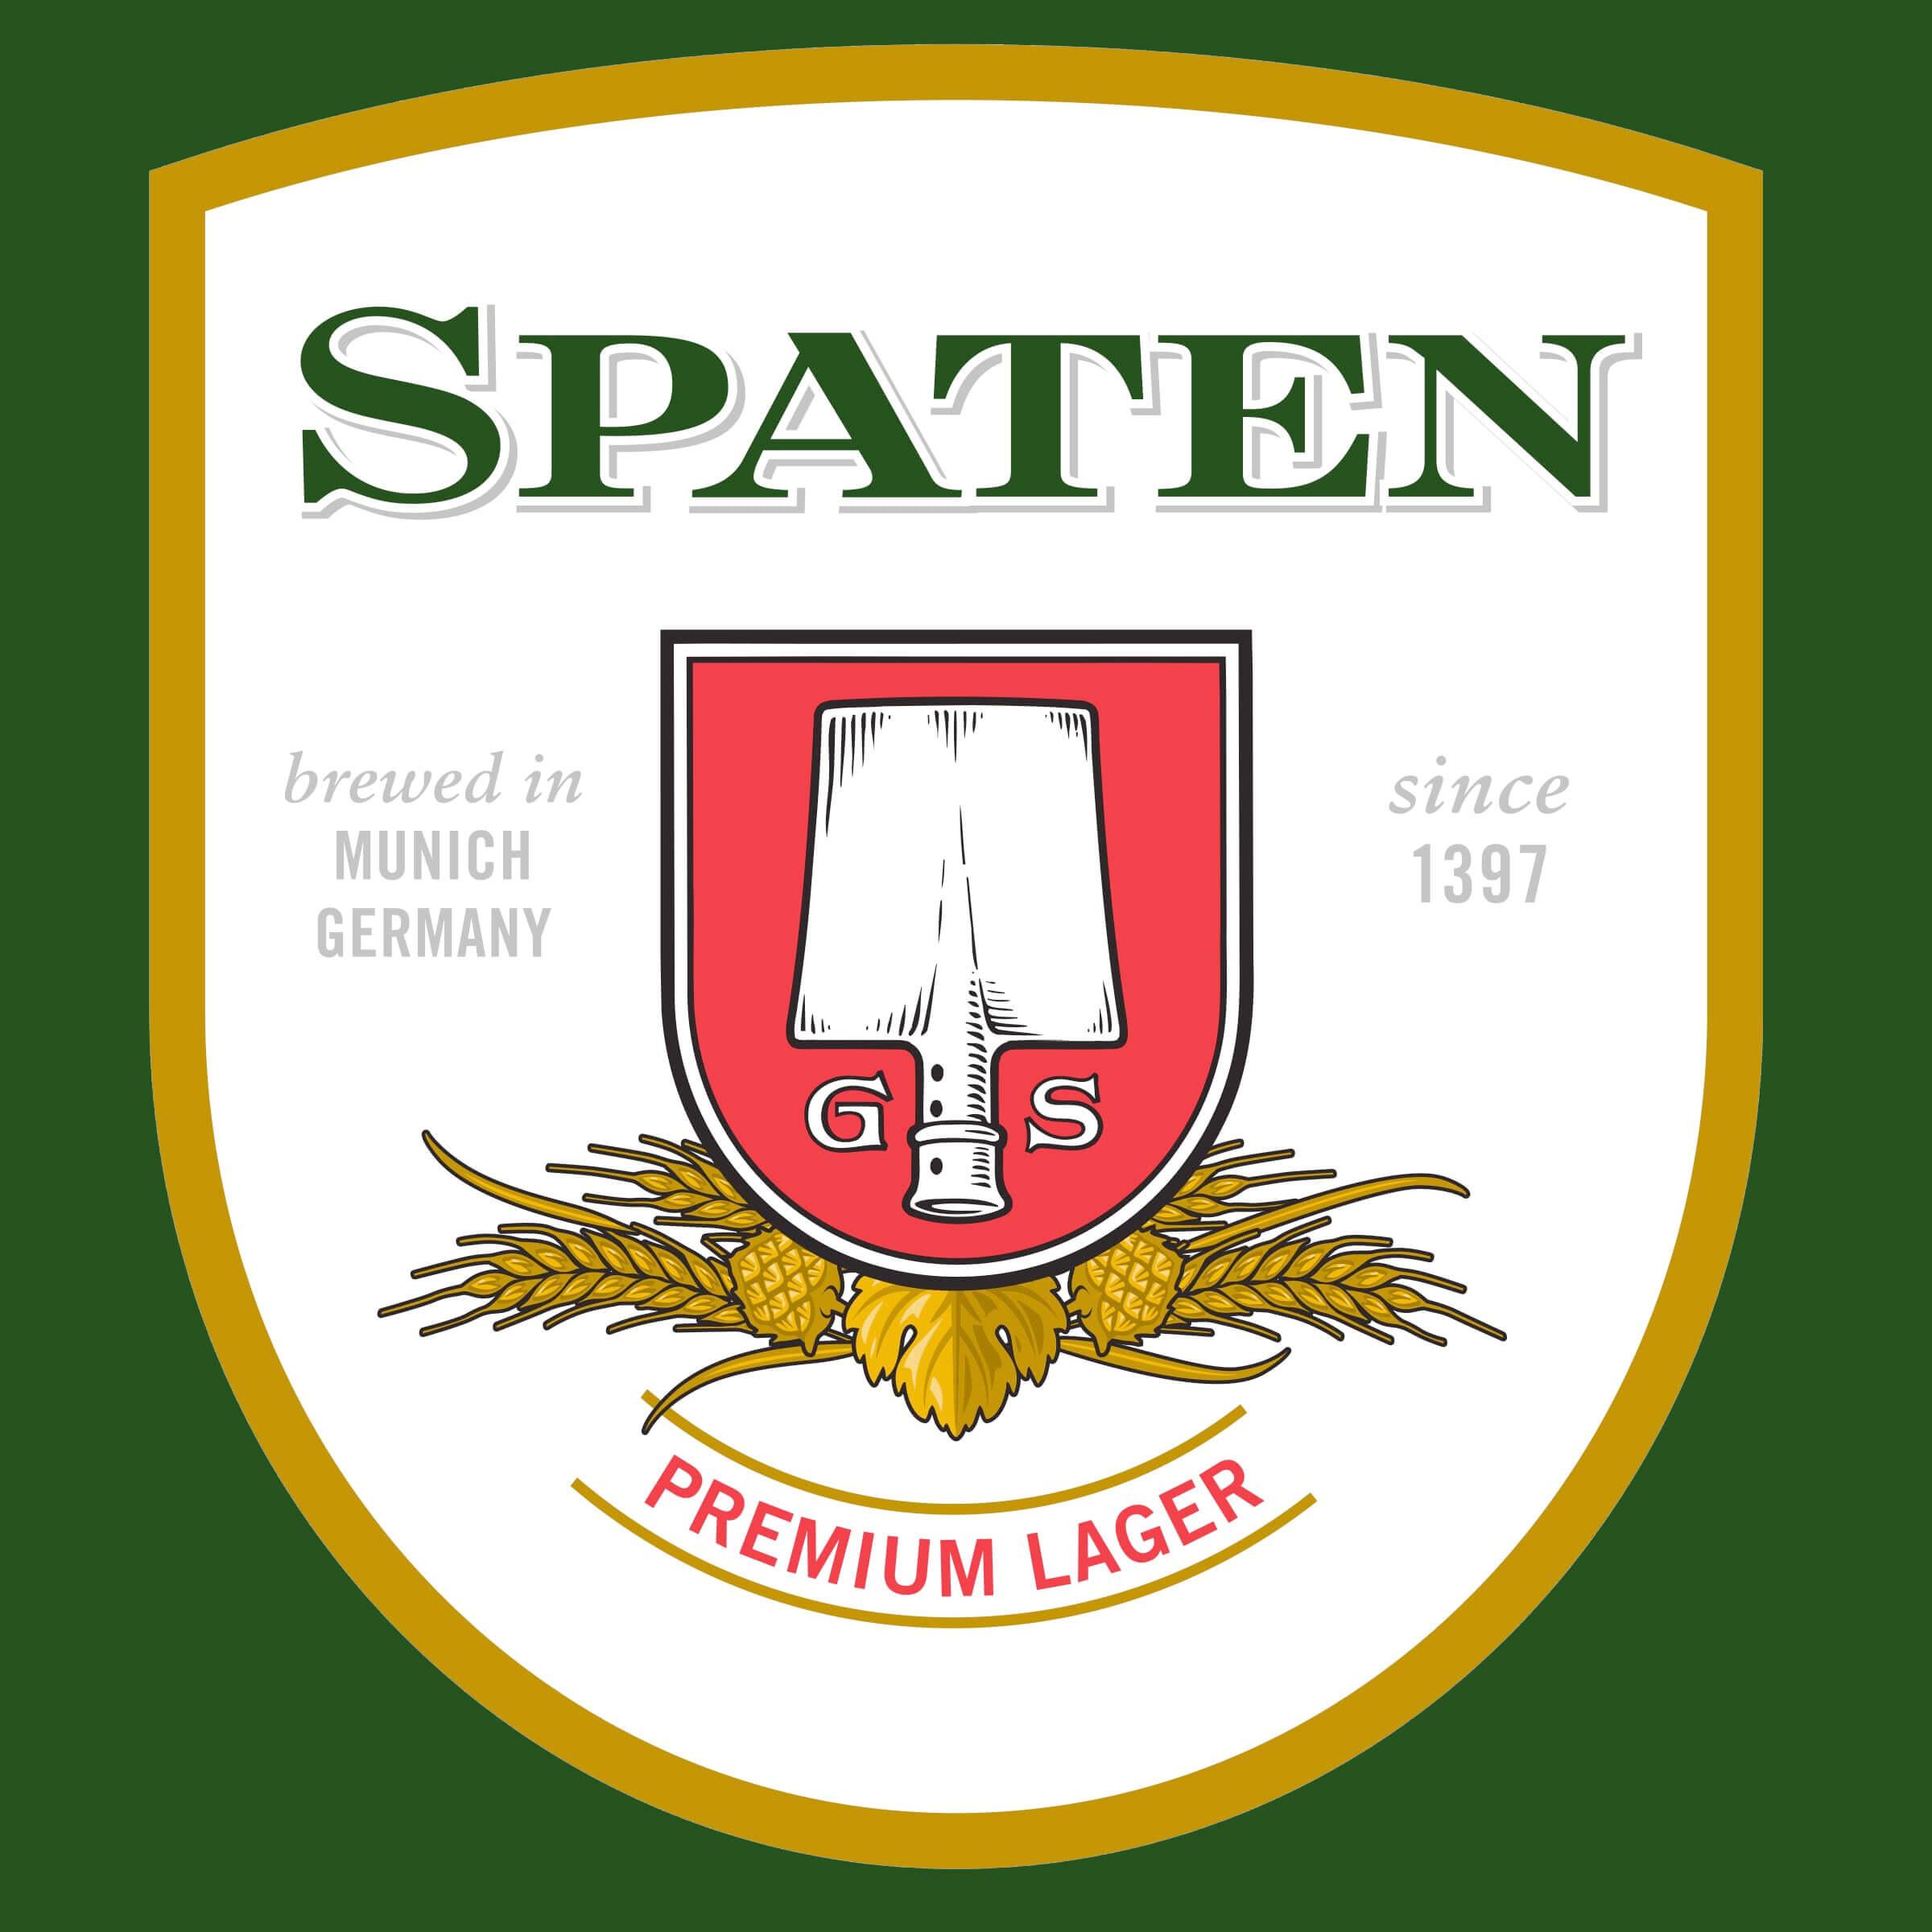 Label art for the Spaten Premium Lager (Münchner Hell) by Spaten-Franziskaner-Bräu